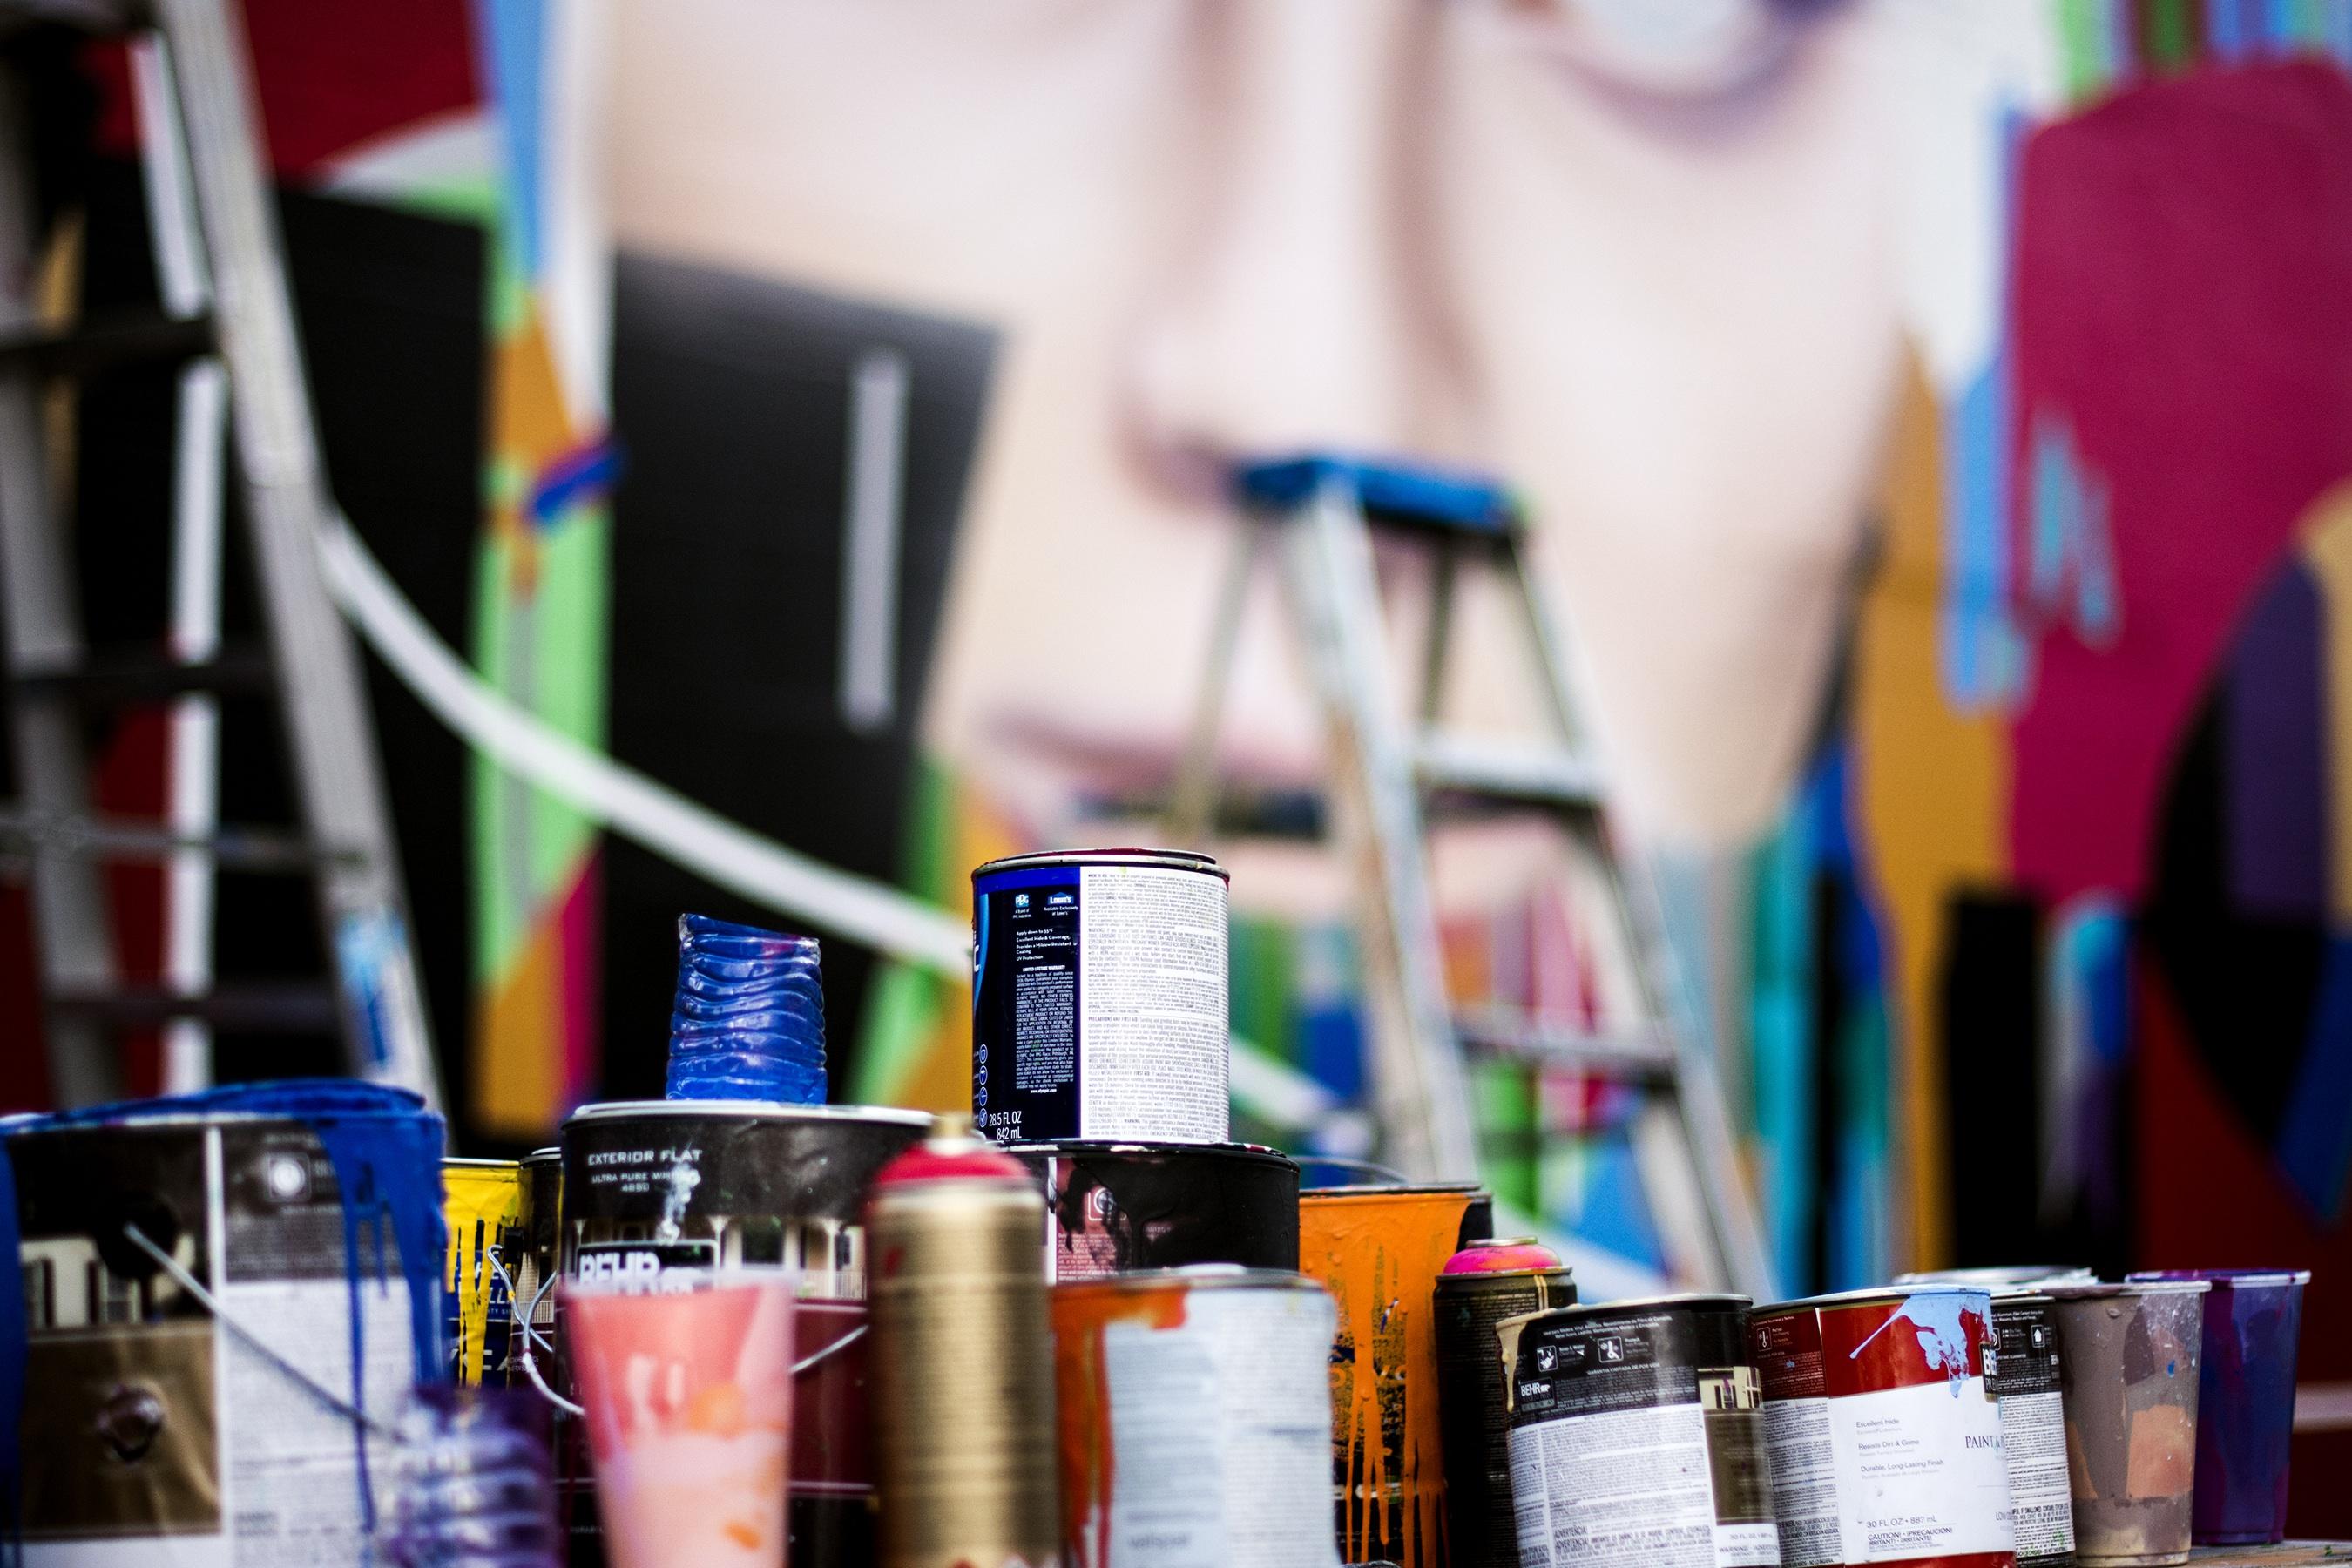 Color, Art, Colorful, Paint, Painter, HQ Photo